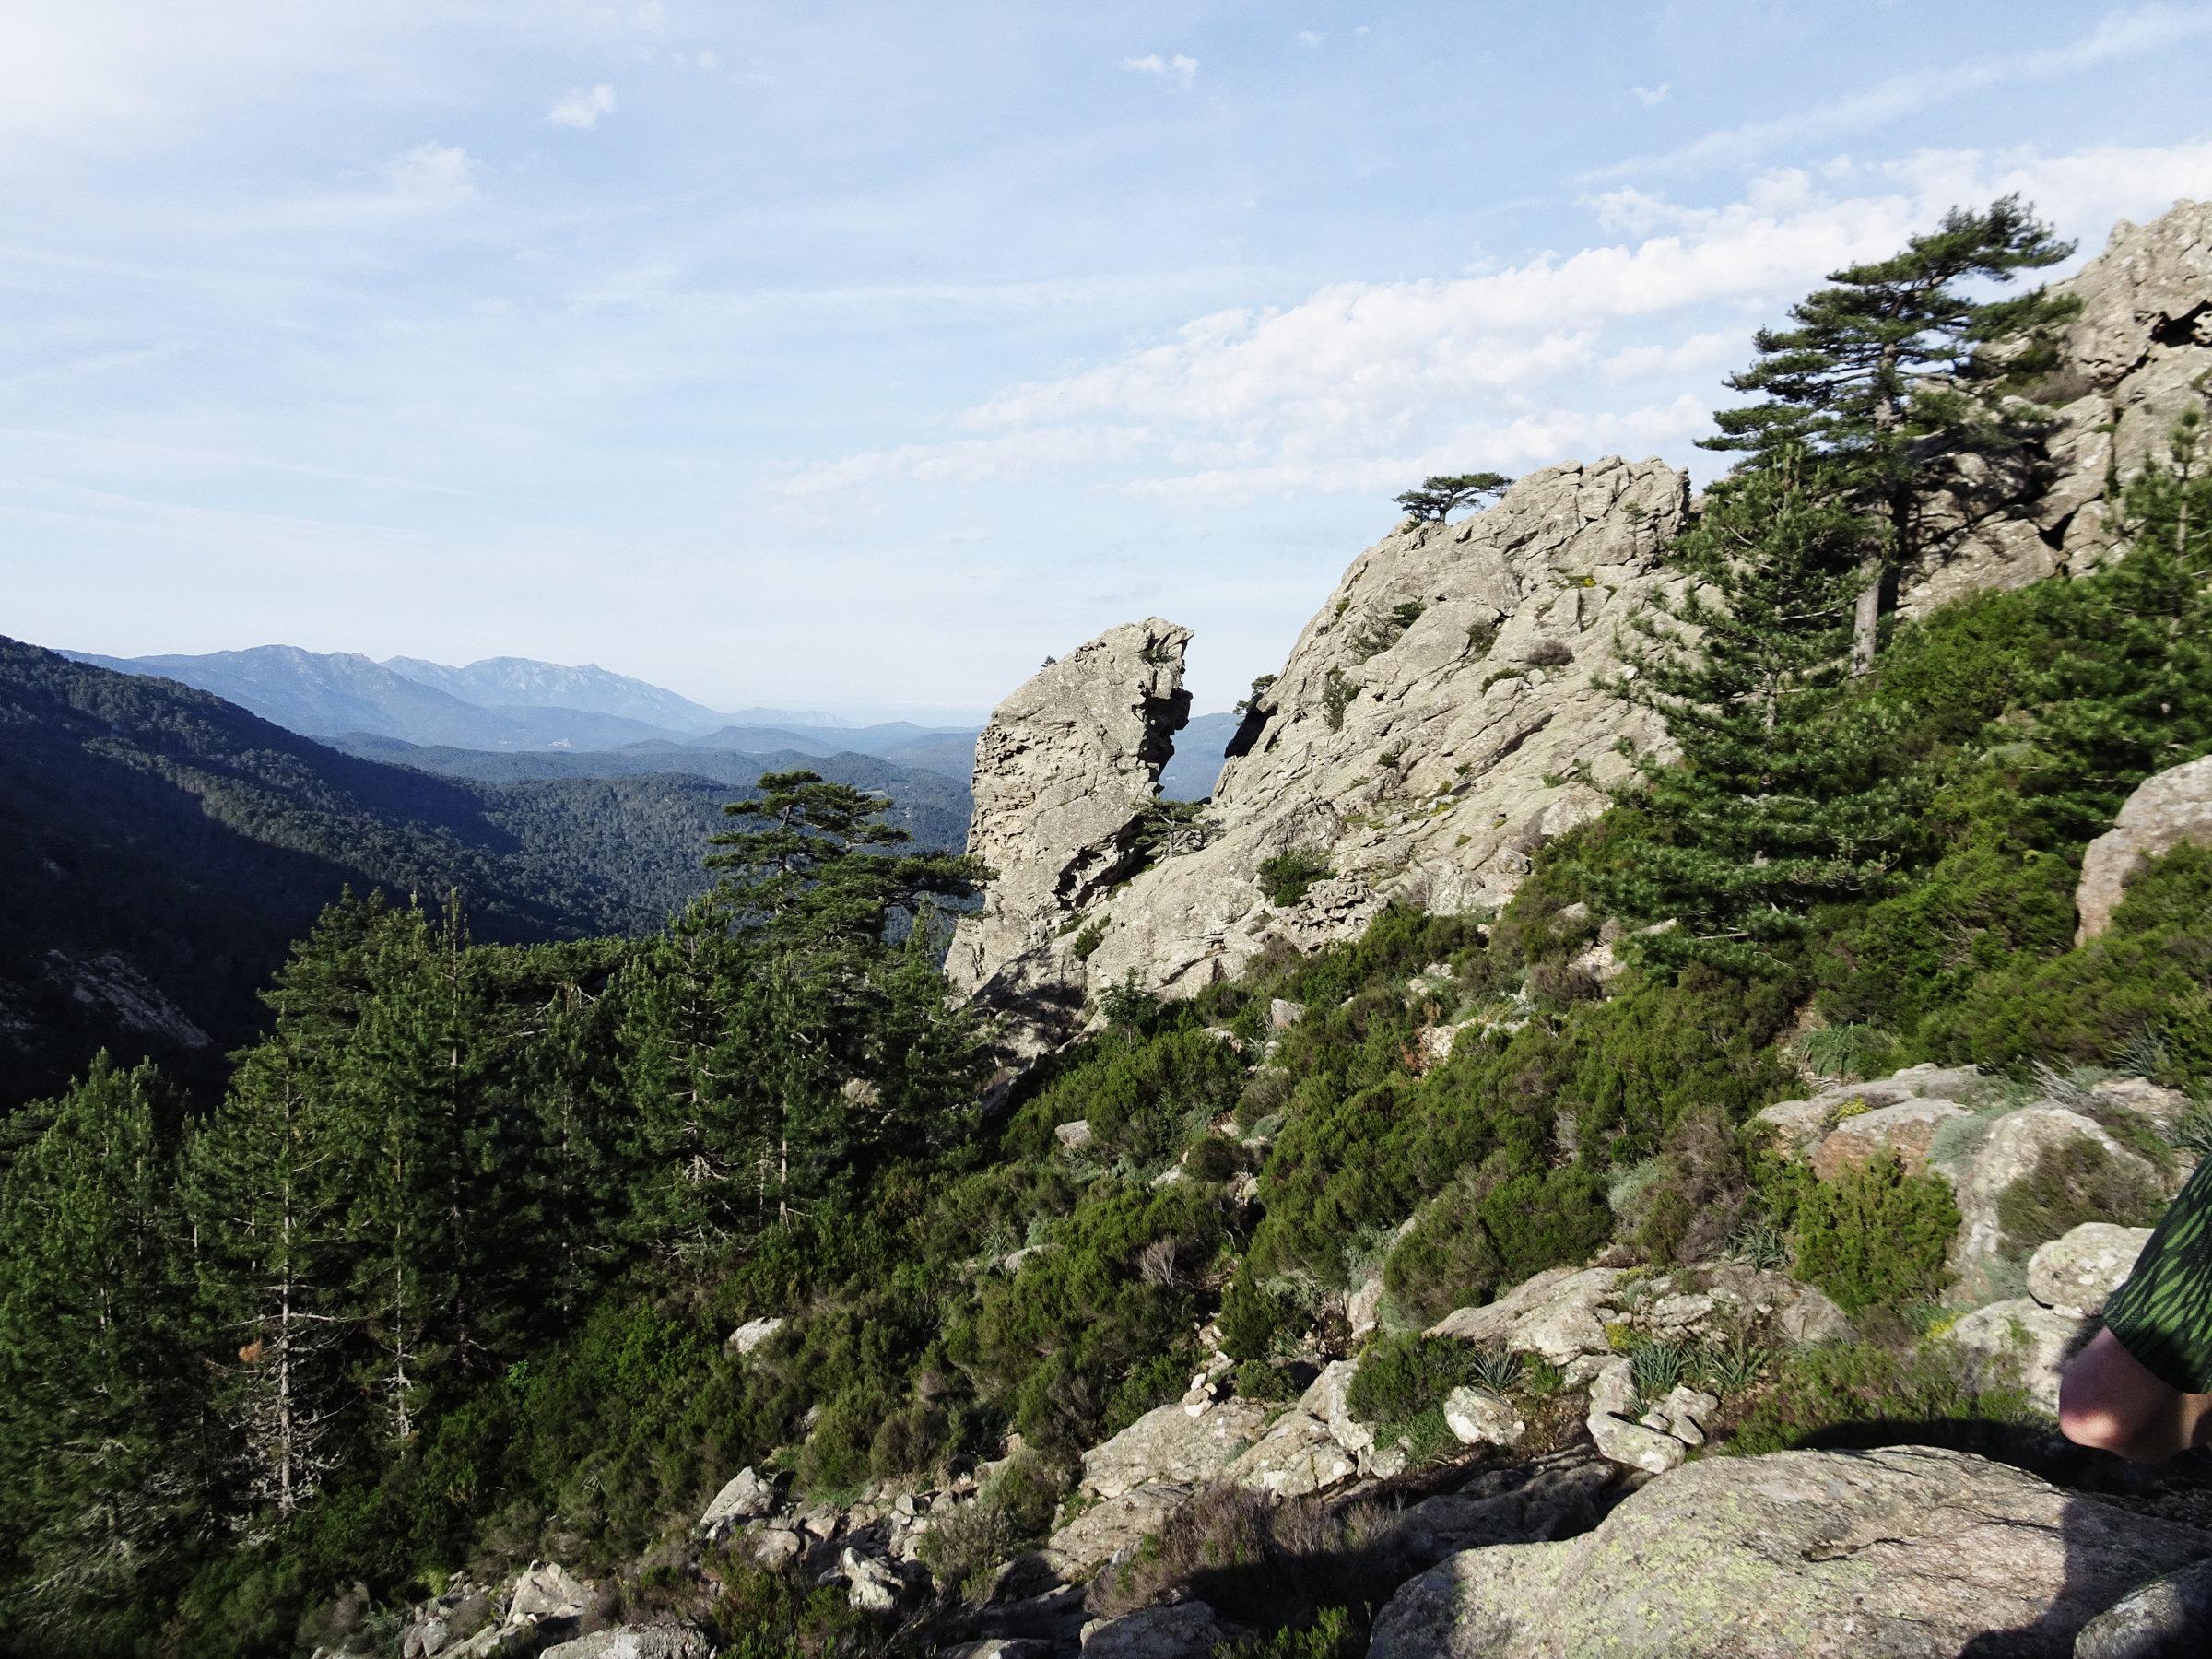 Schönste Aussichten bereits am ersten Tag, Korsika, GR20 Weitwanderweg, Wandern, Berge, Frankreich